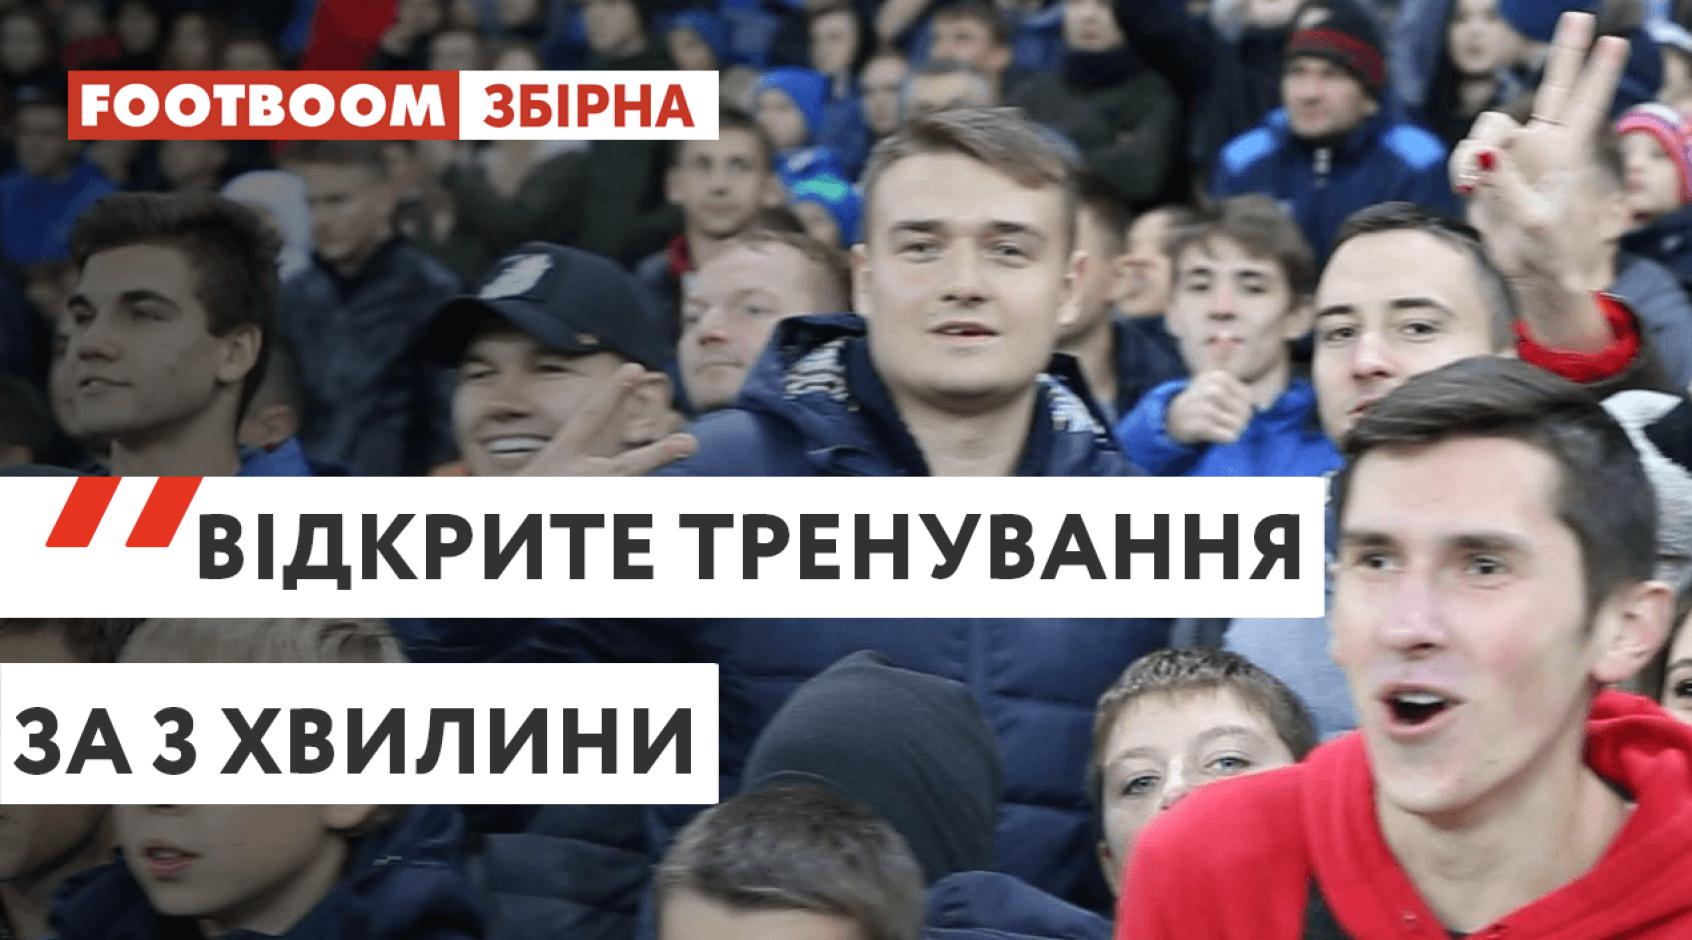 Відкрите тренування збірної України (Відео)